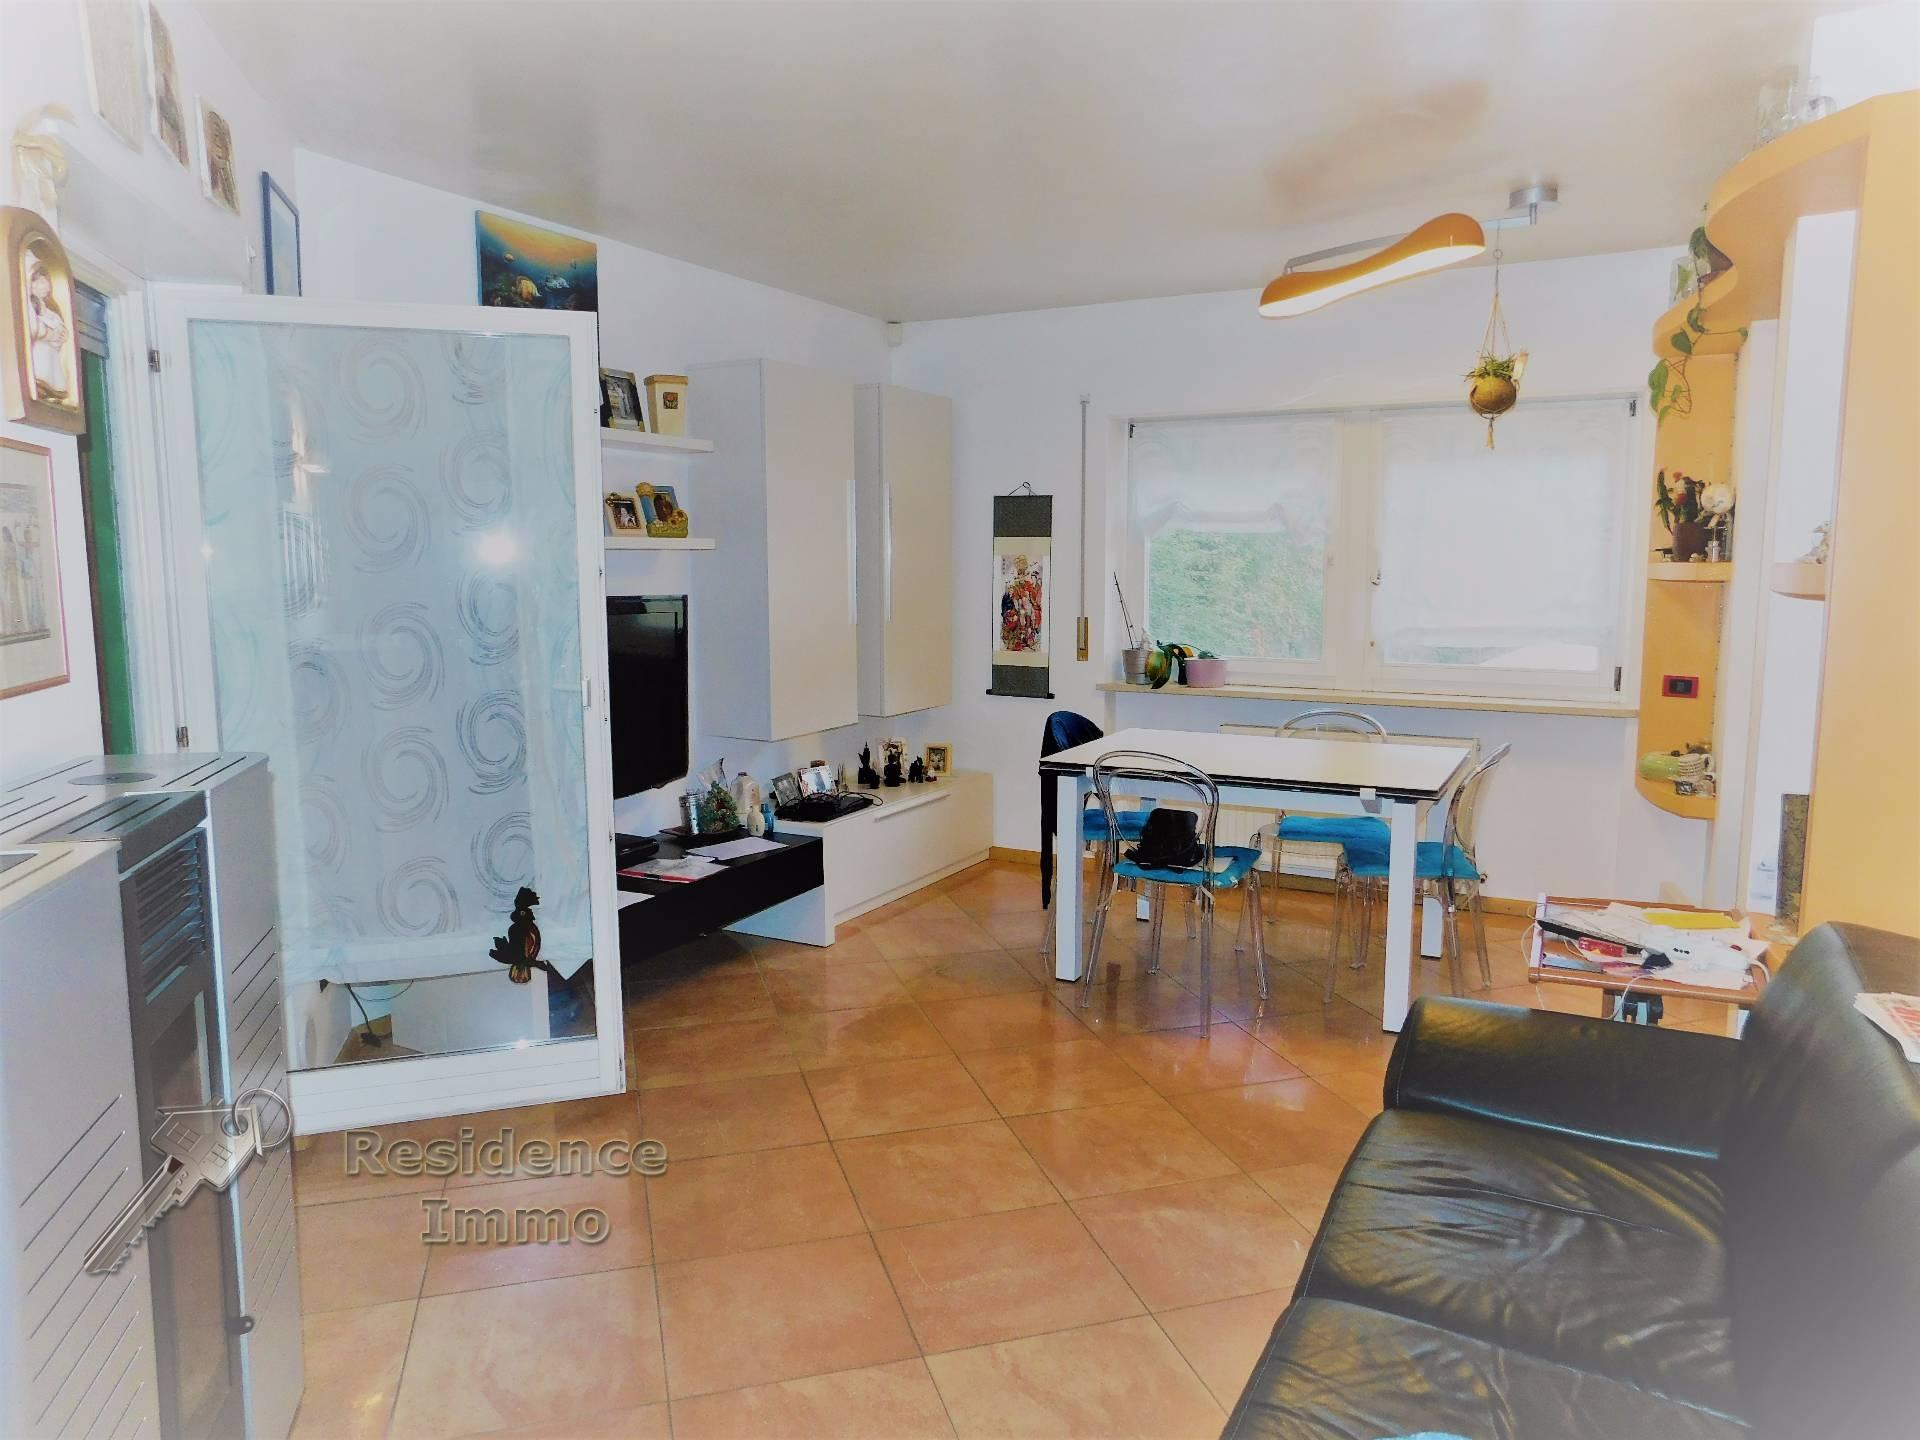 Appartamento in vendita a Cornedo all'Isarco, 3 locali, zona Località: PratoallIsarco, prezzo € 220.000 | CambioCasa.it